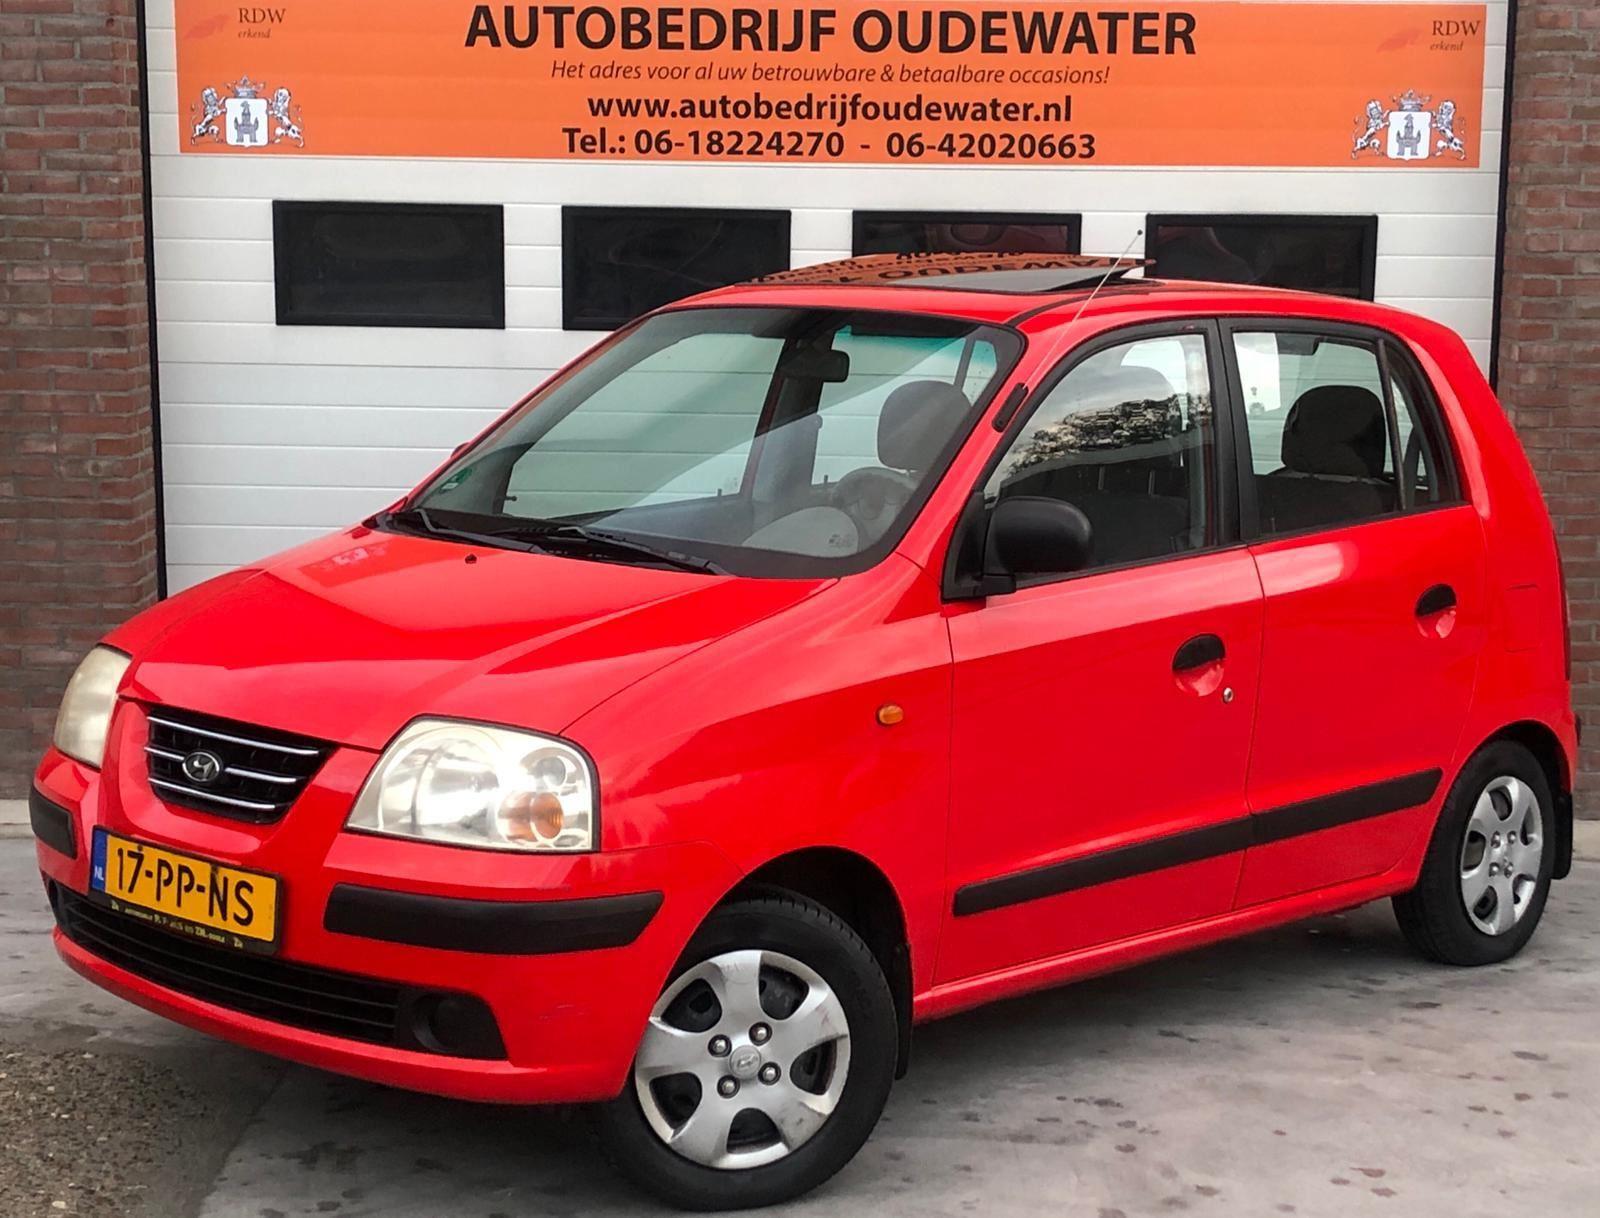 Hyundai Atos occasion - Autobedrijf Oudewater